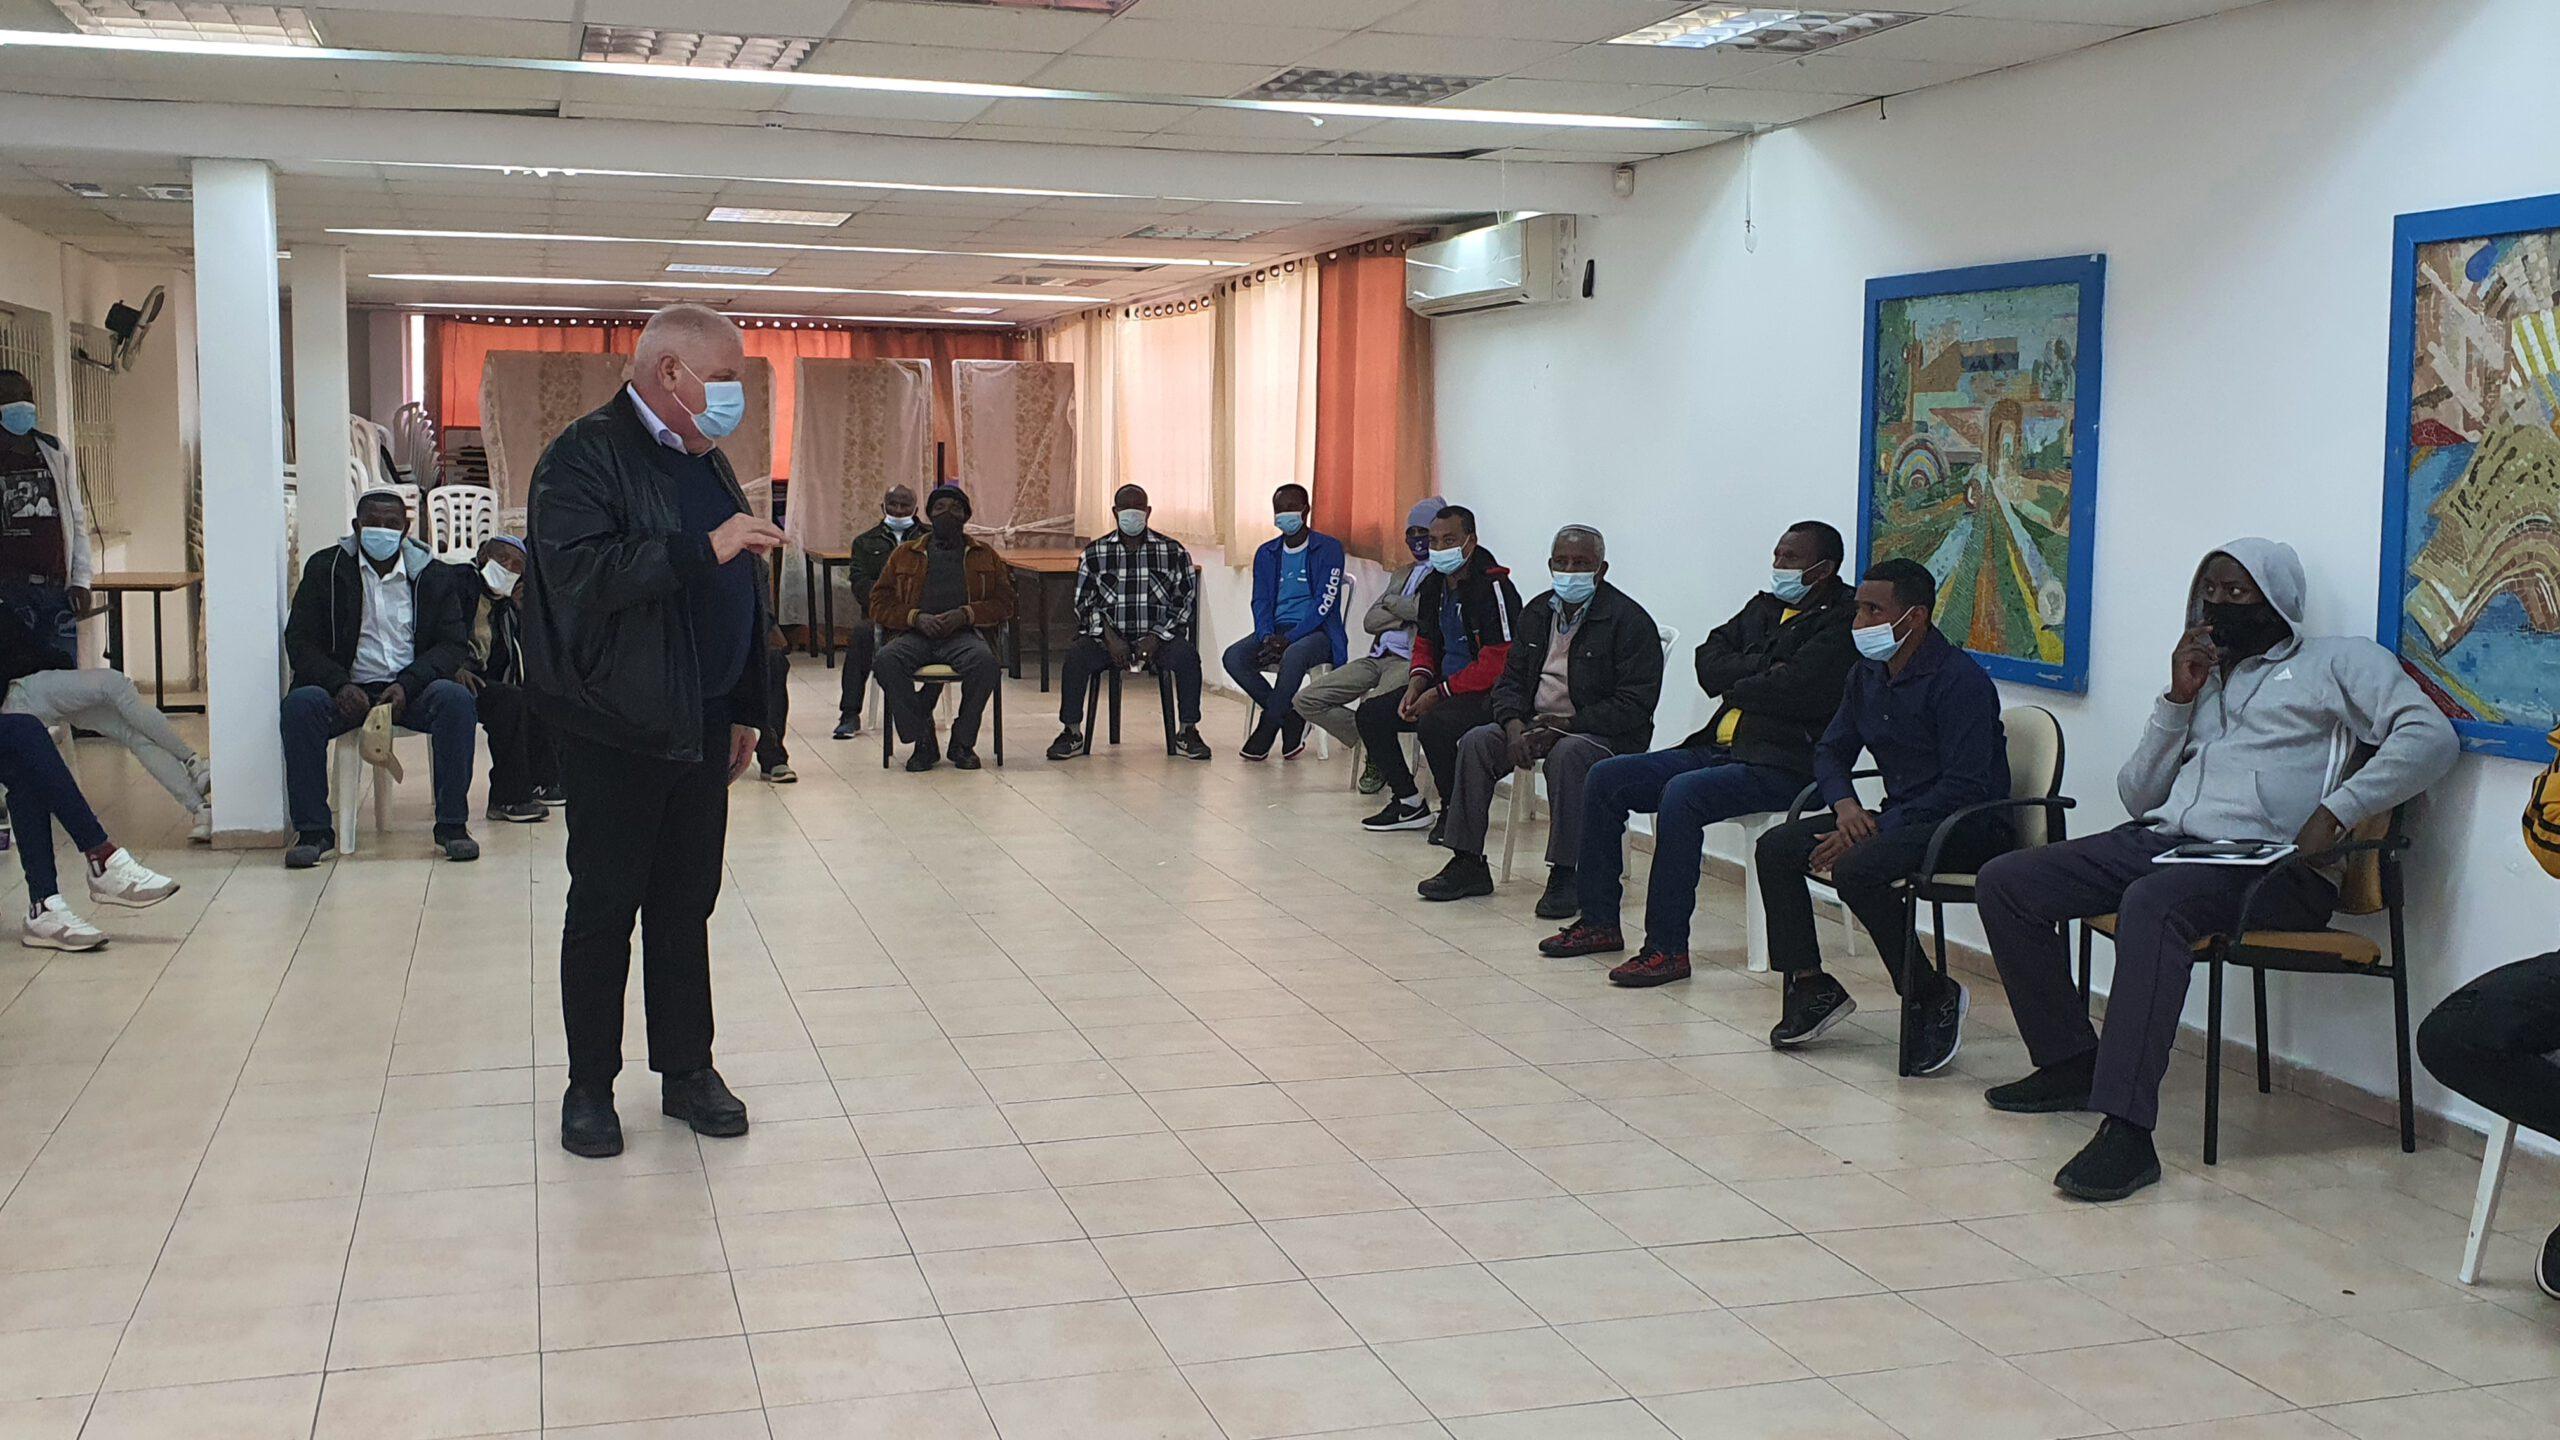 ראש העיר פלוט לעולי אתיופיה: בואו לנוף הגליל